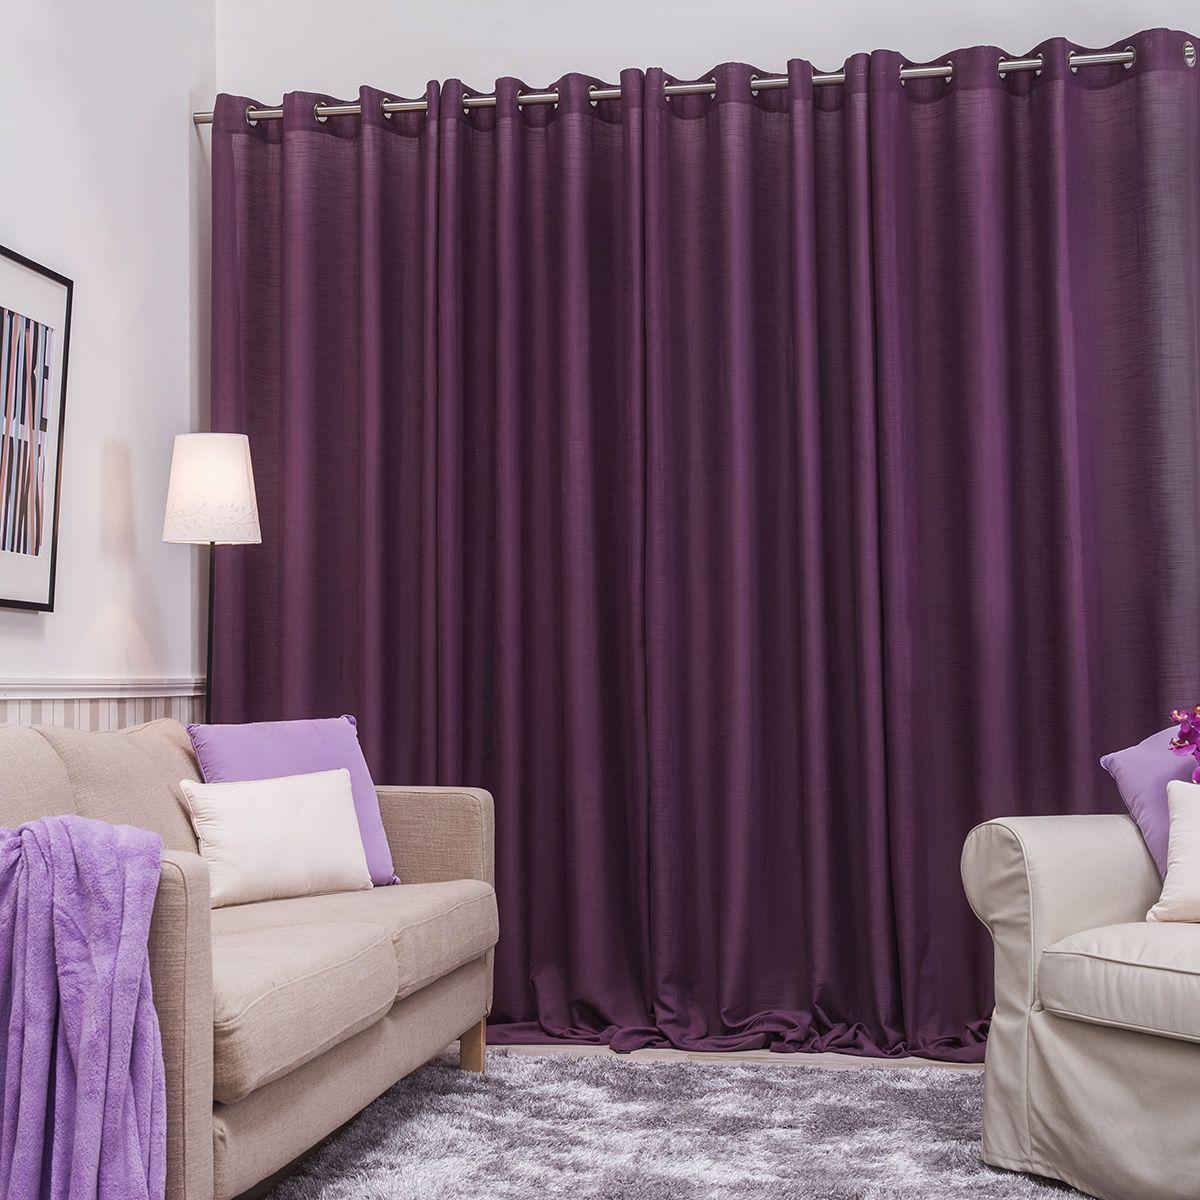 resultado de imagen para cortinas moradas - Cortinas Moradas